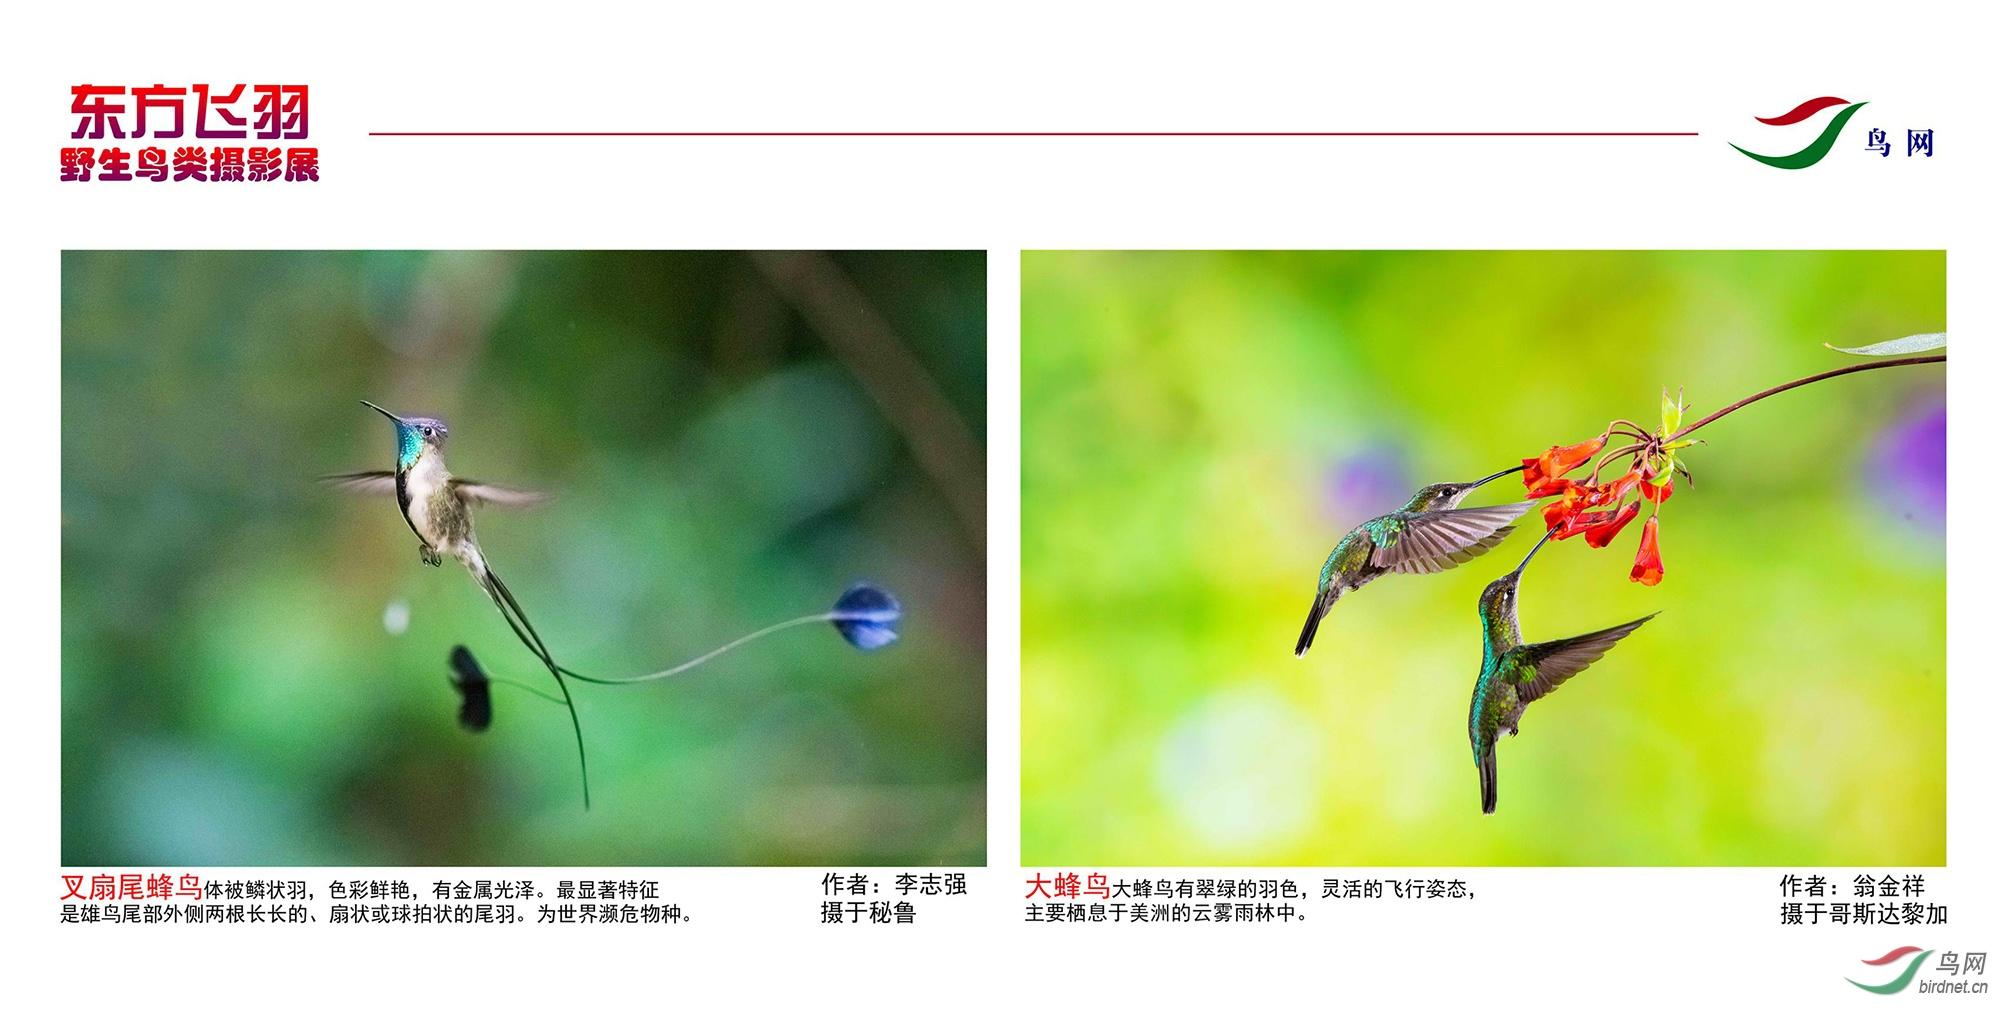 1_东方明珠摄影展照片_02.jpg